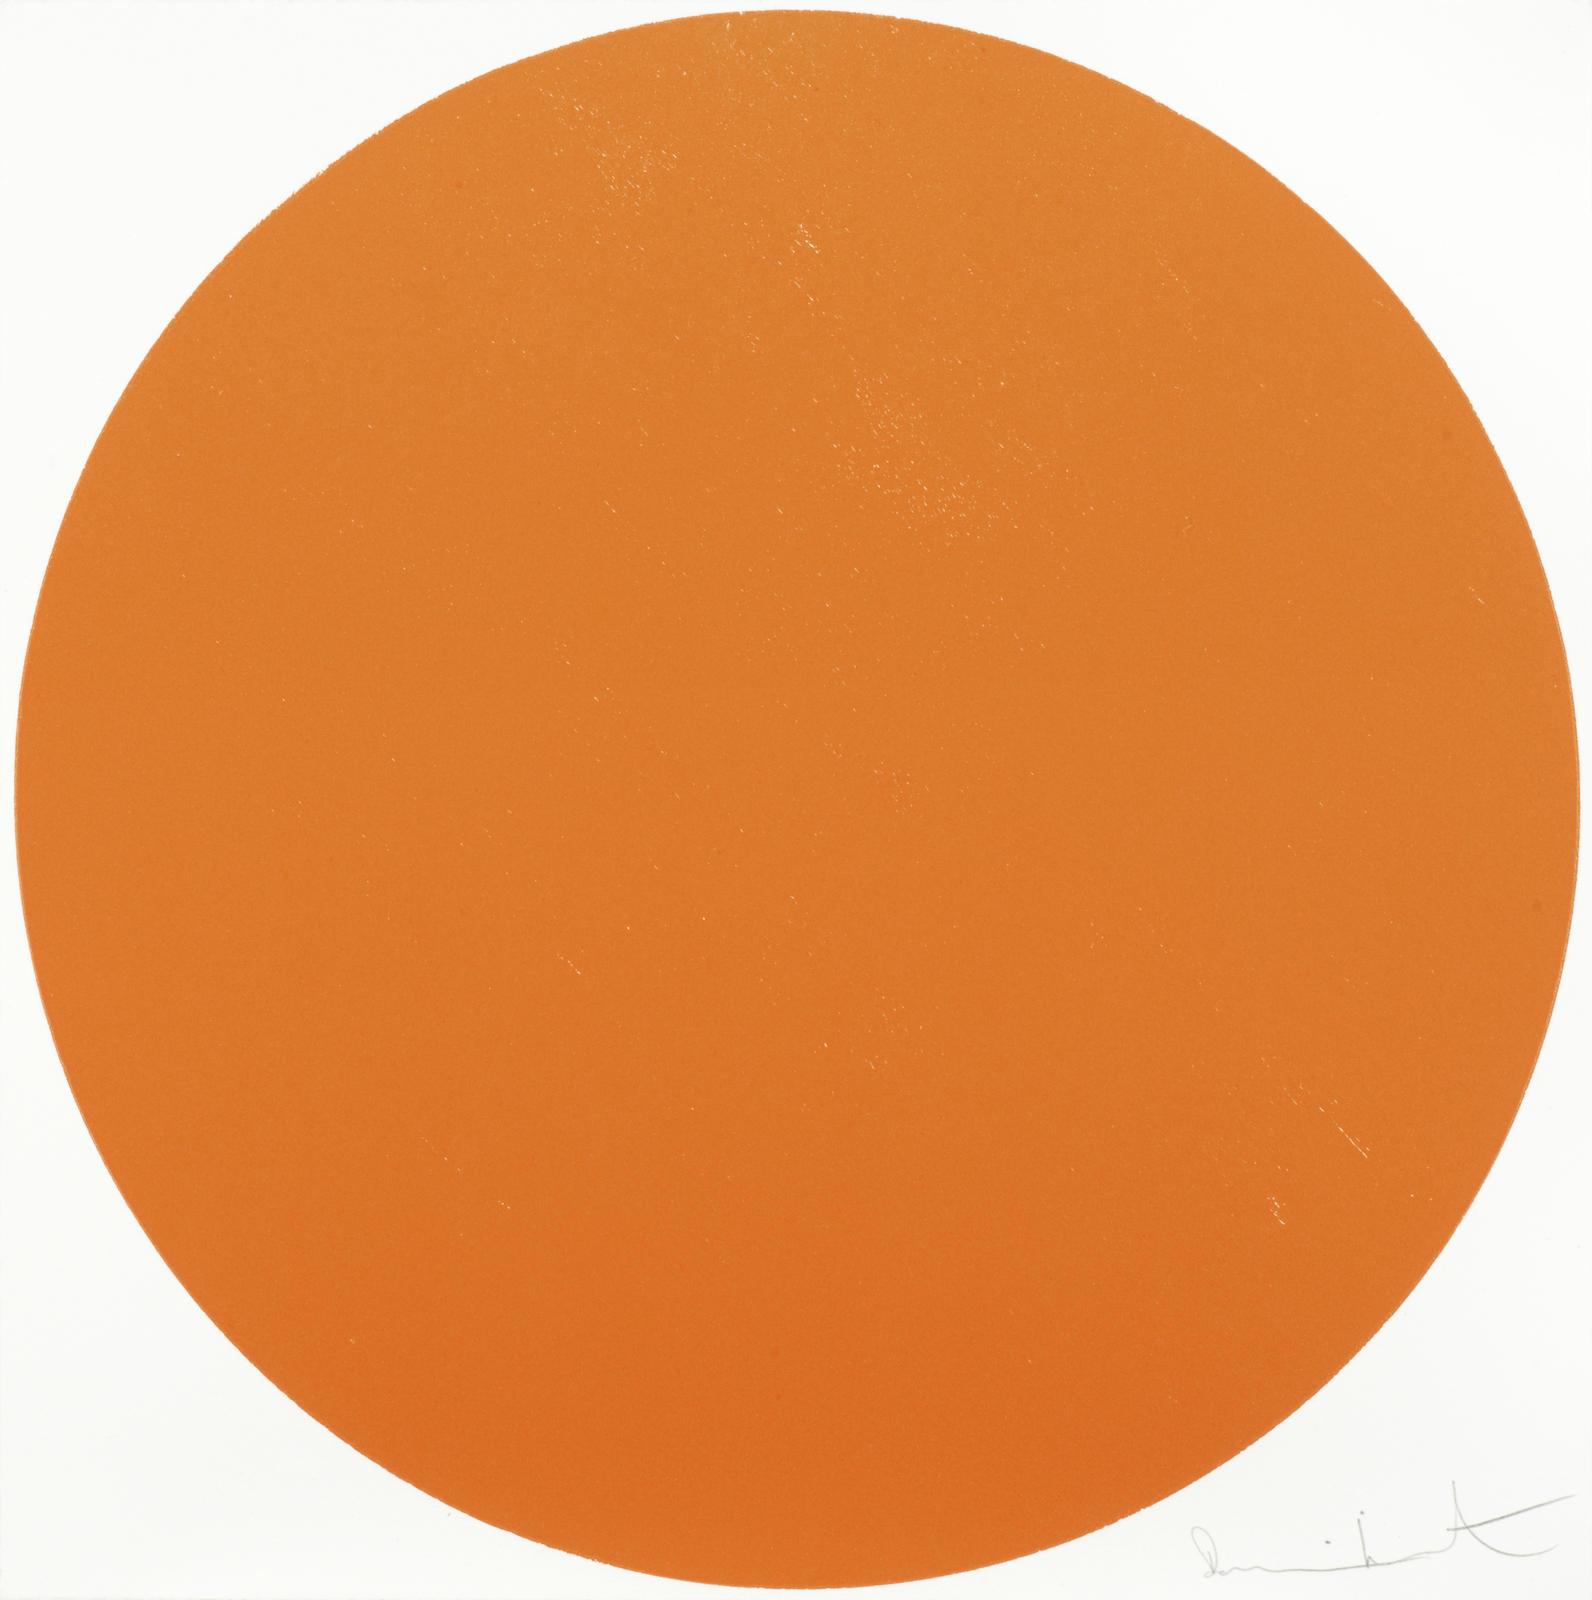 Damien Hirst-Meparticin Orange-2012